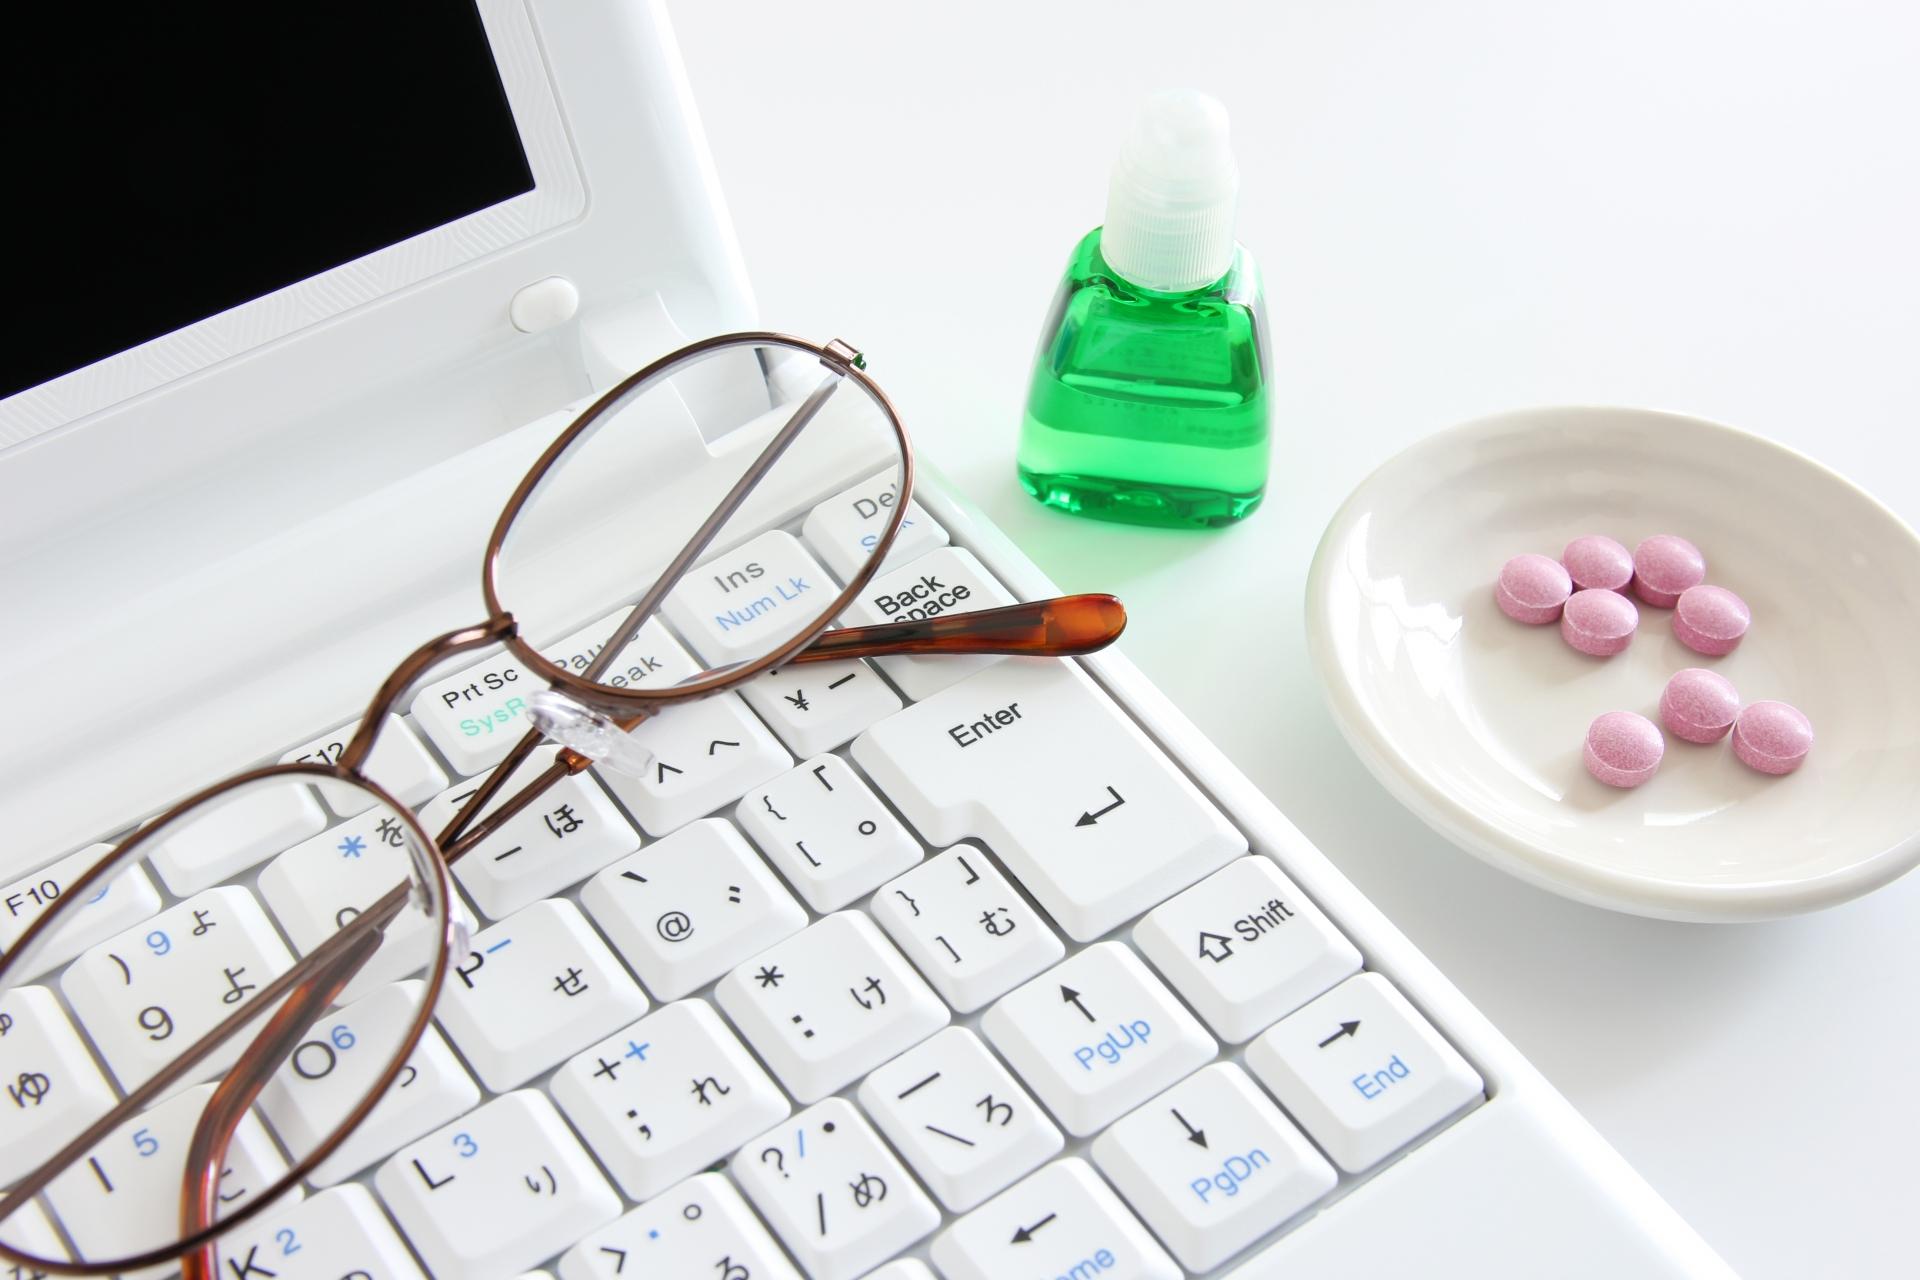 パソコンと眼鏡と目薬